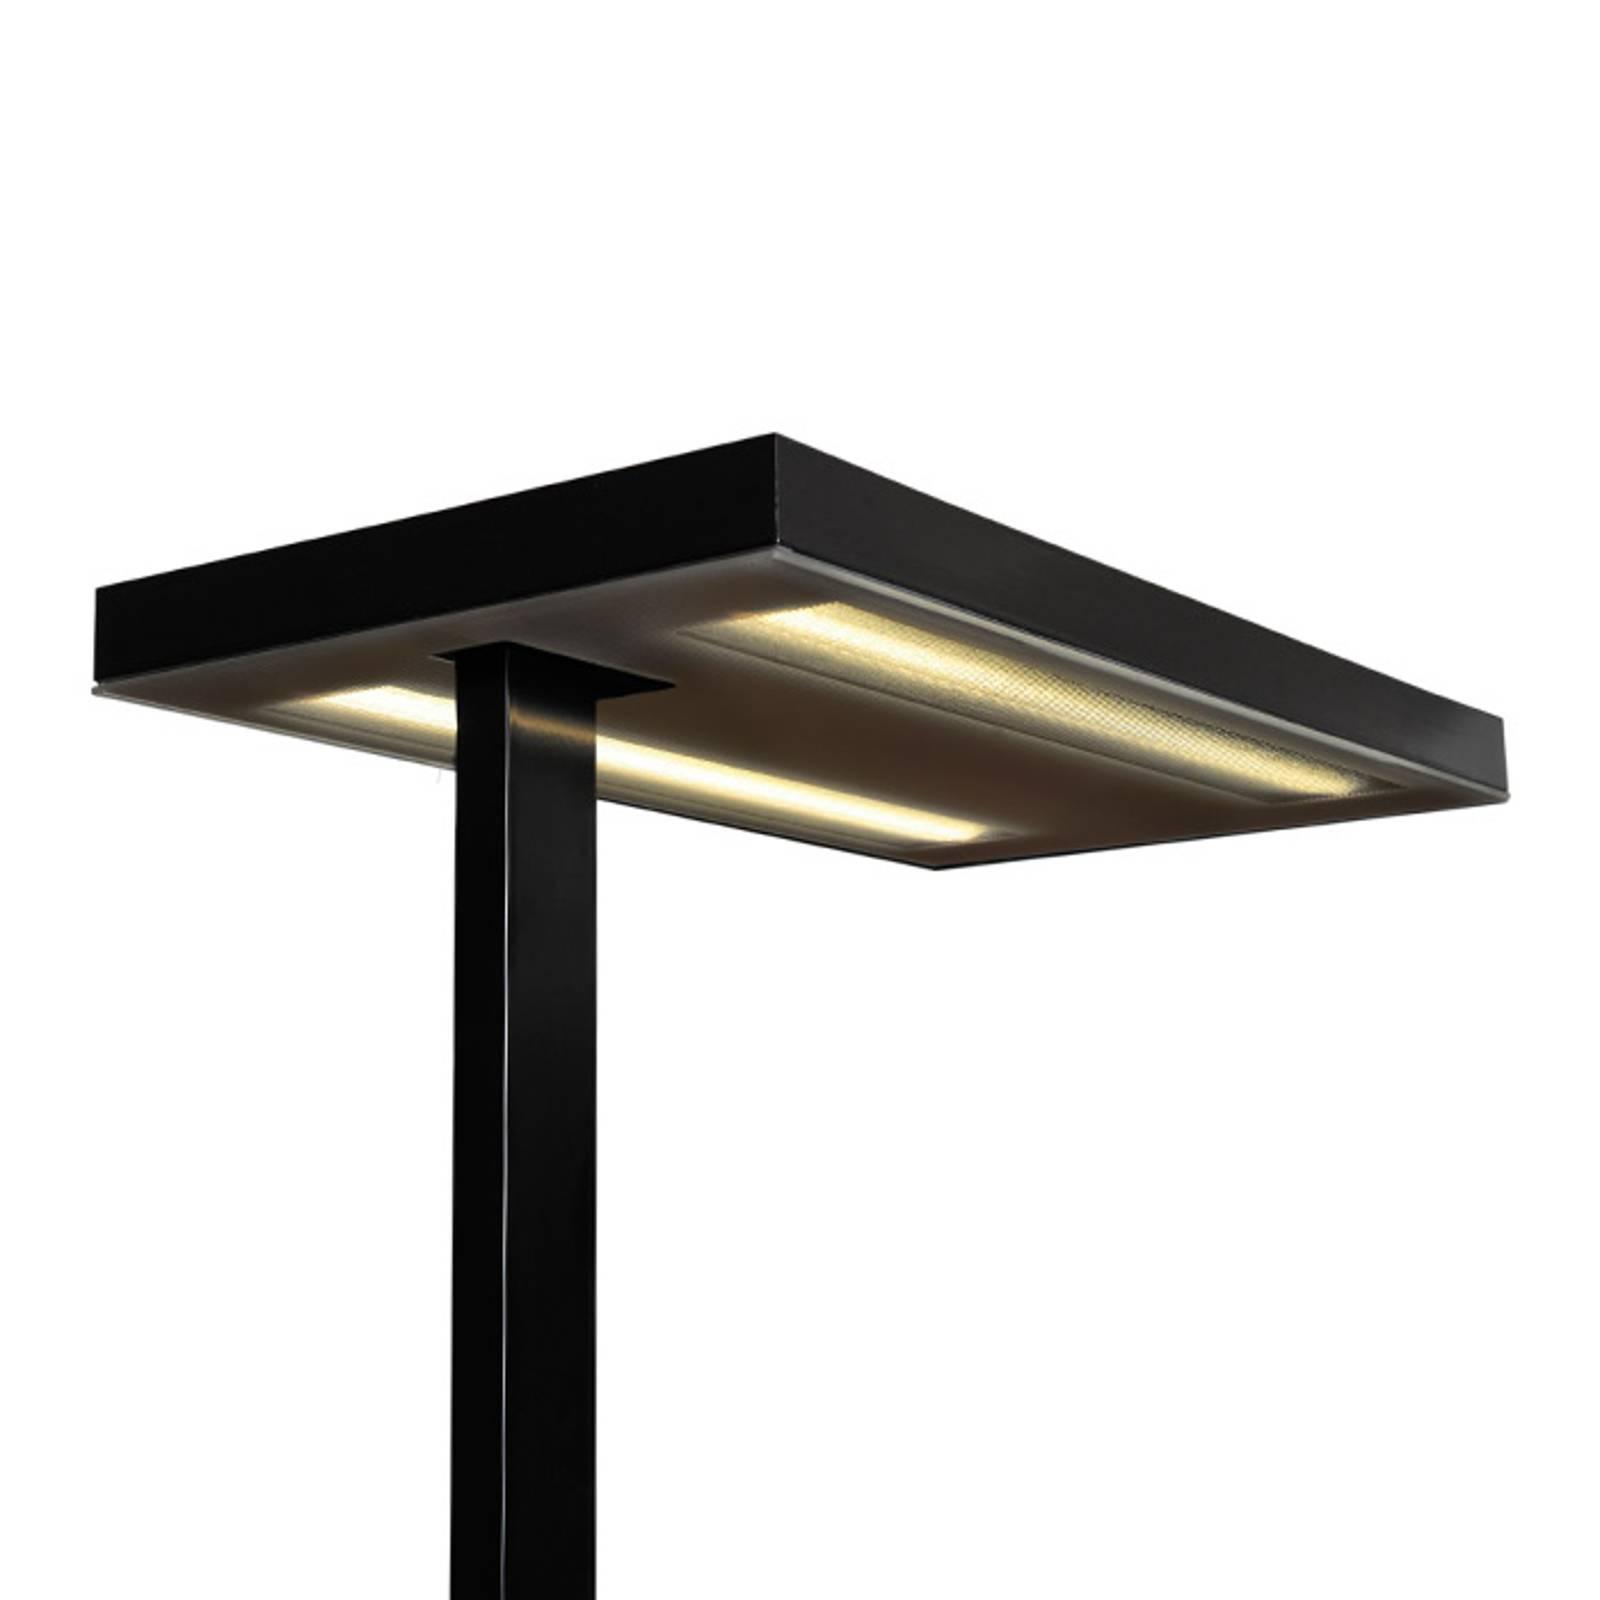 stehlampen von luxo und andere lampen f r wohnzimmer online kaufen bei m bel garten. Black Bedroom Furniture Sets. Home Design Ideas